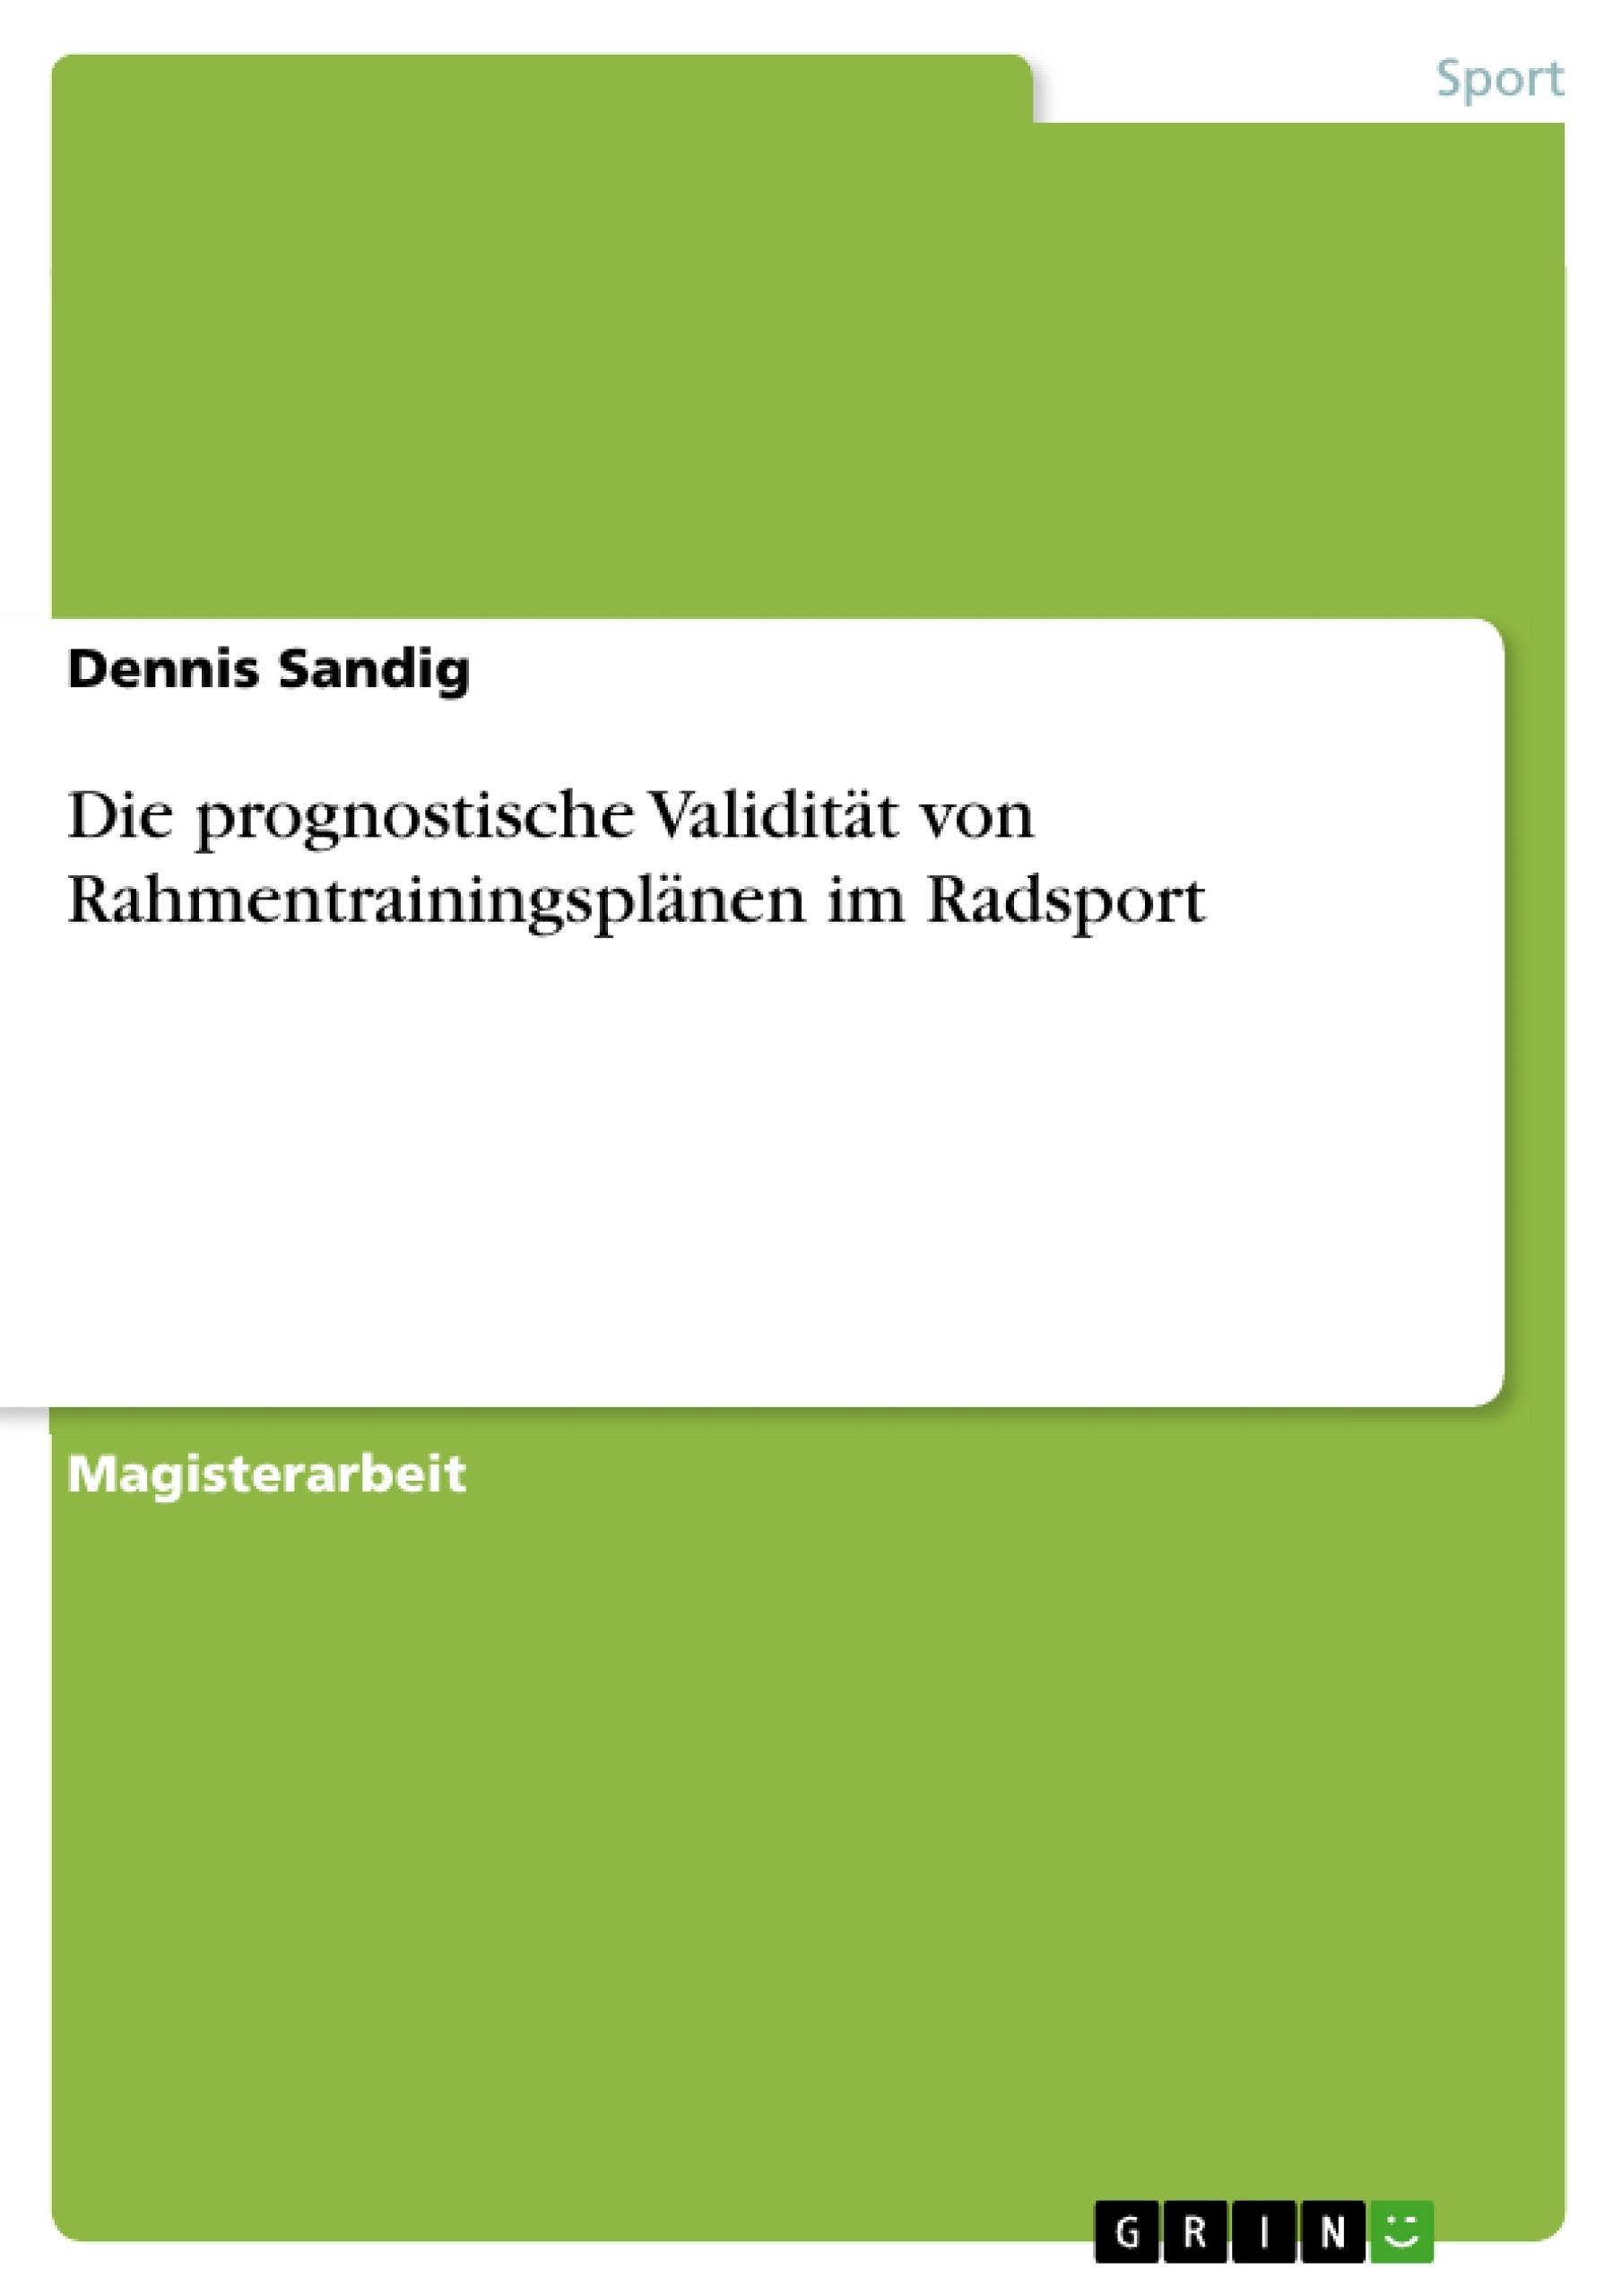 Titel: Die prognostische Validität von Rahmentrainingsplänen im Radsport